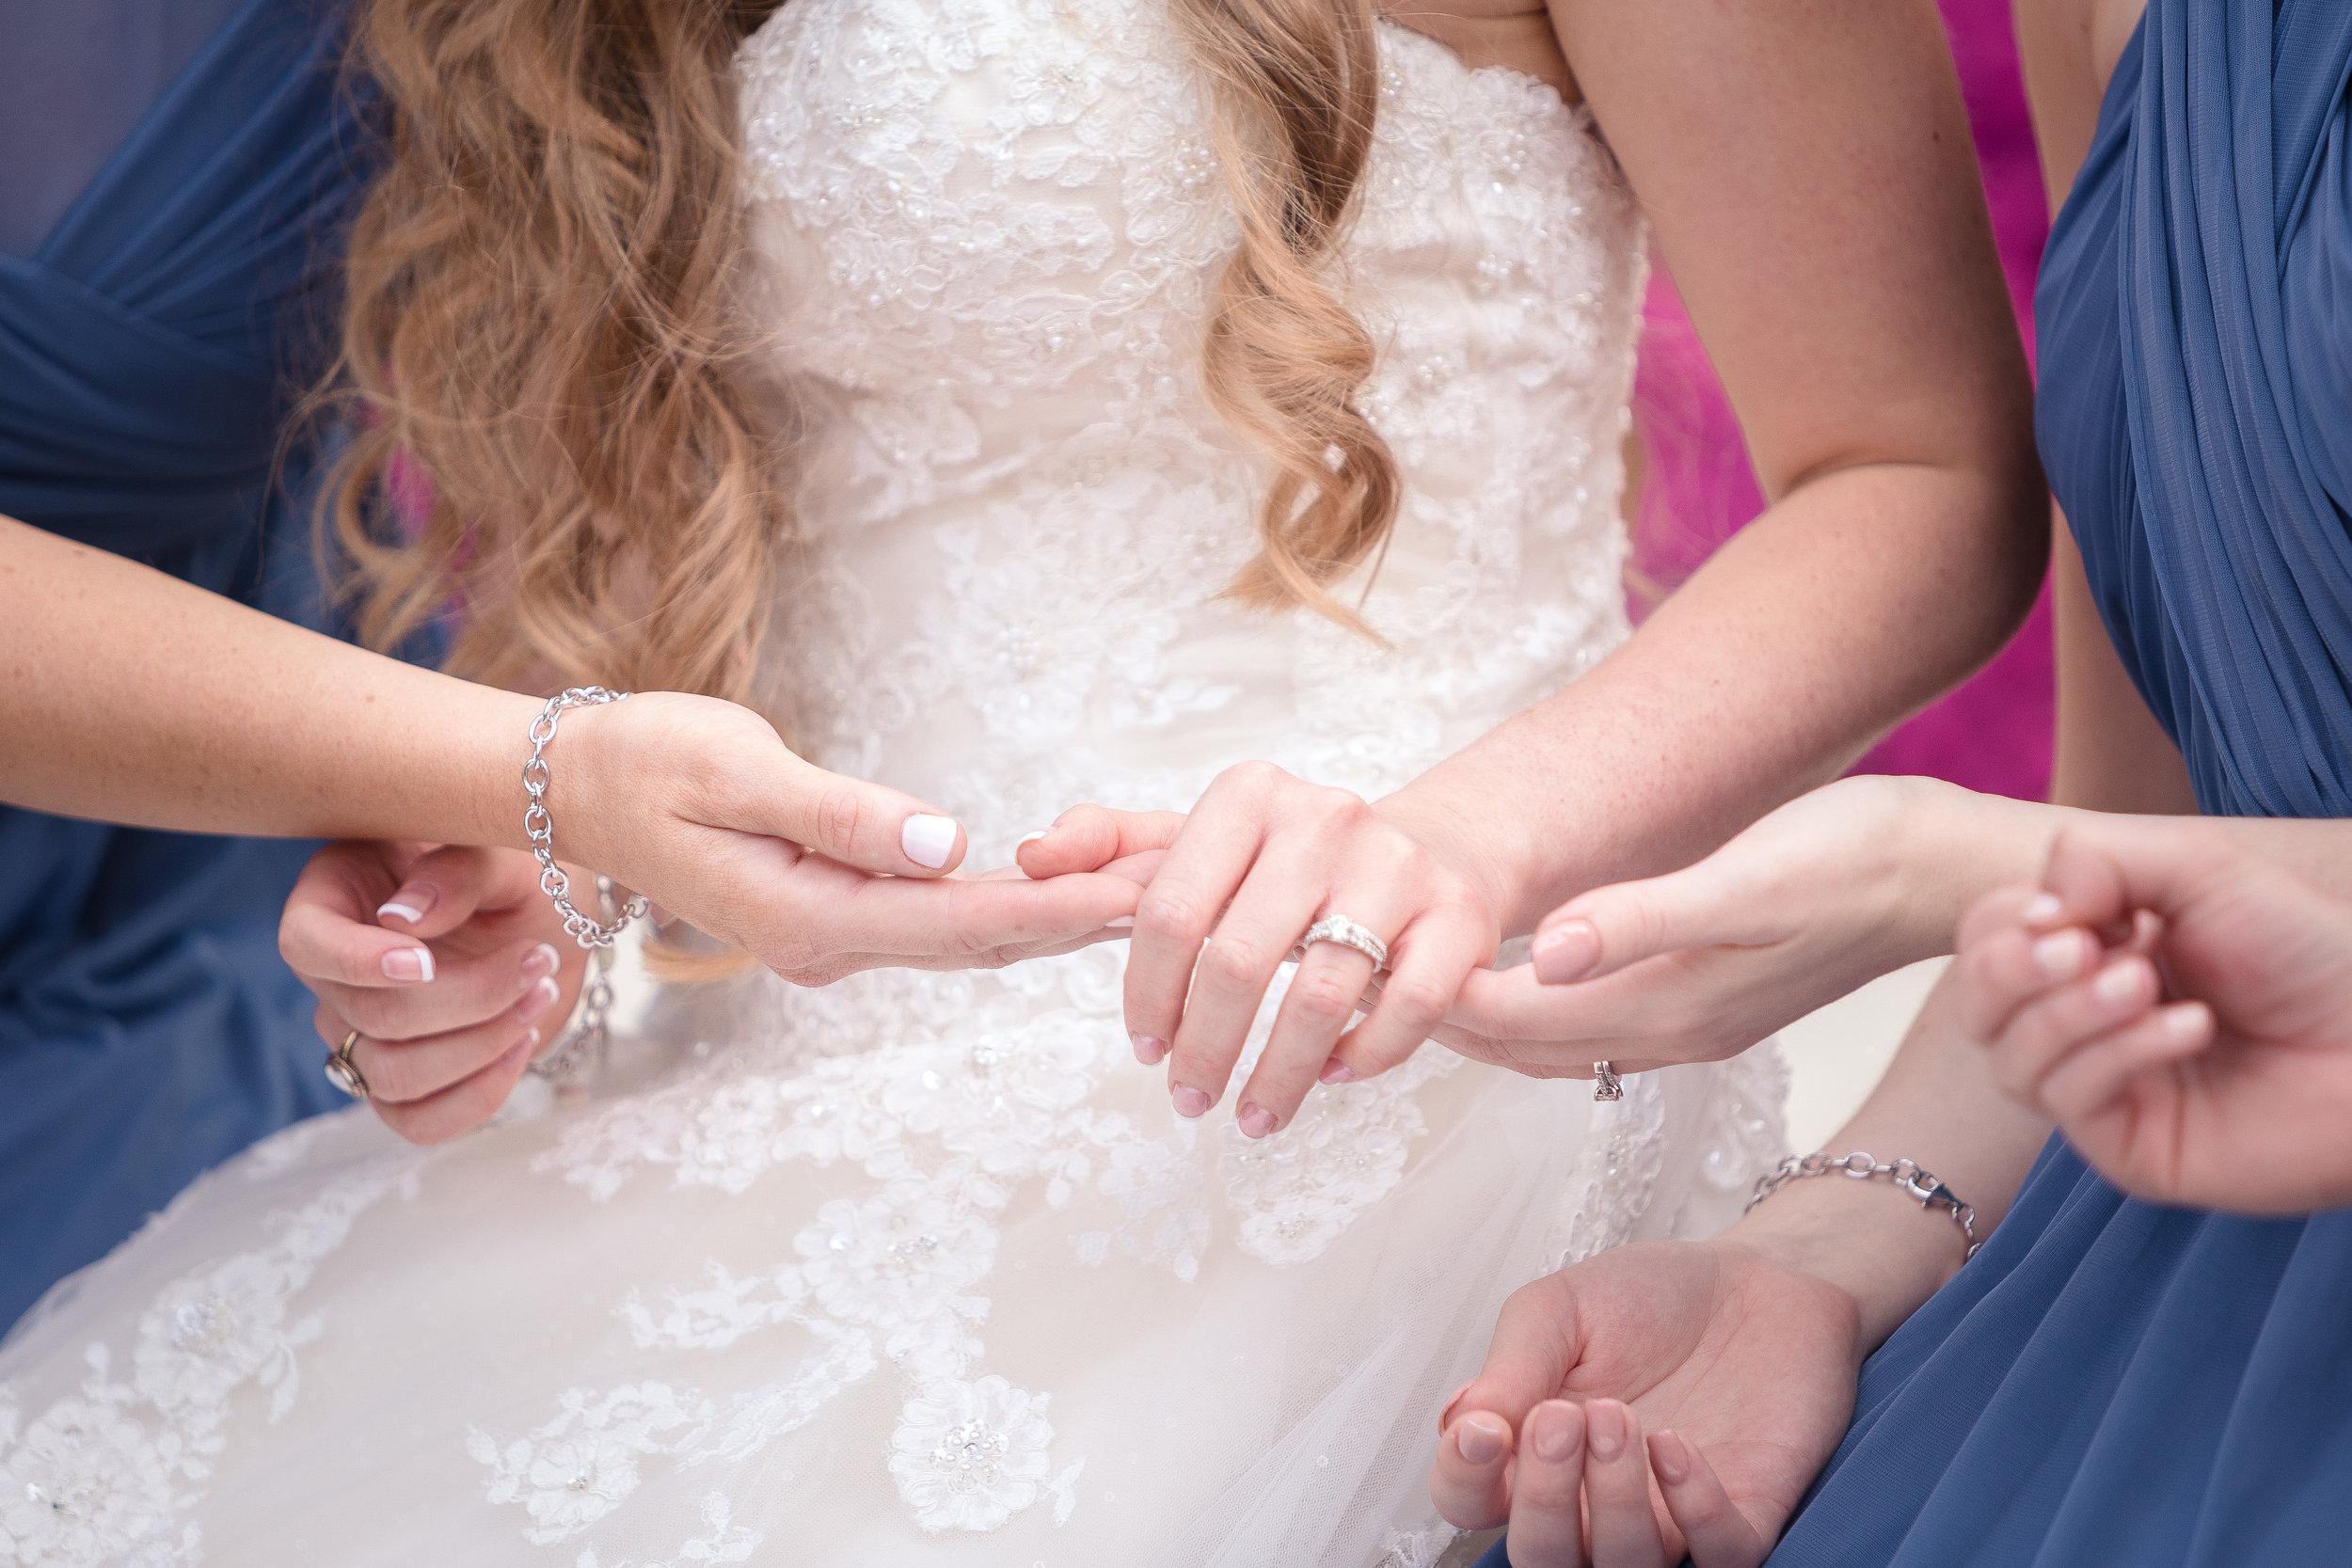 C_Wedding_Spellman, Megan & Tyler_10.27.18-947.JPG